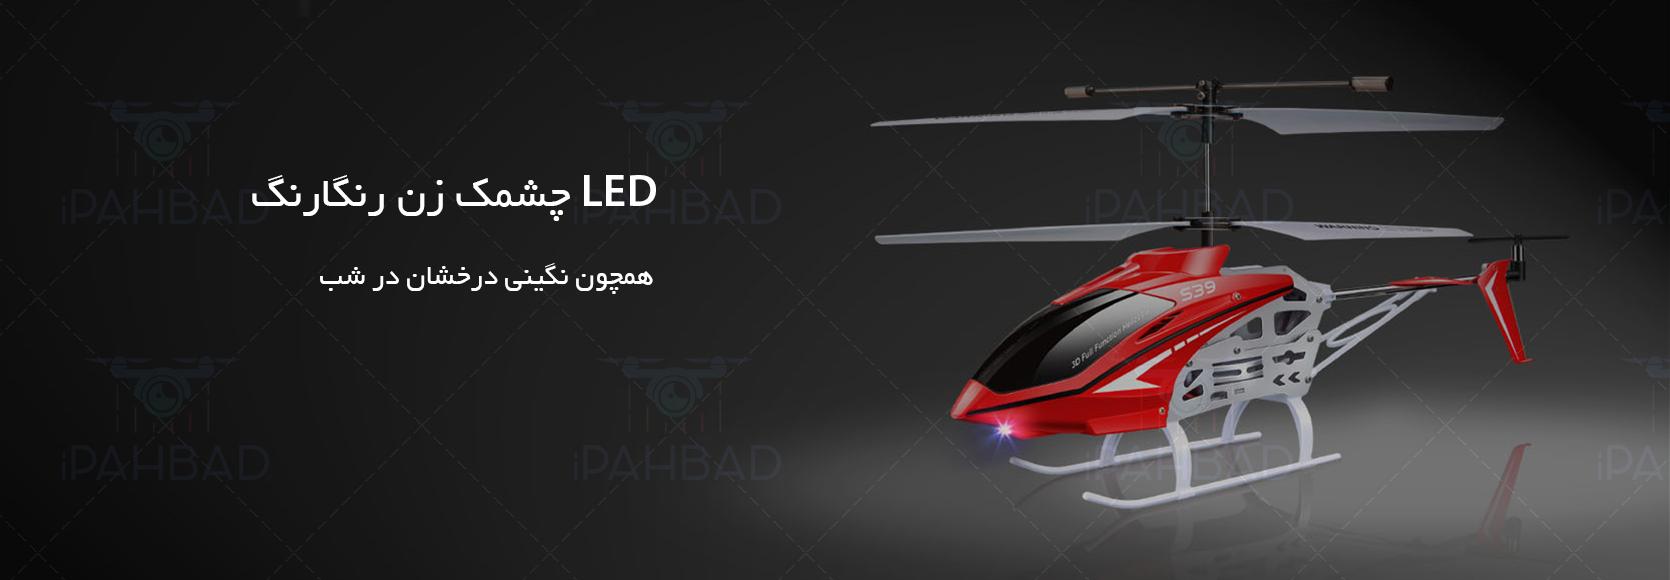 قیمت خرید هلیکوپتر کنترلی سایما Syma S39 یک هلی کوپتر کنترلی سایز بزرگ و محبوب از کمپانی syma برای پرواز در محیط های خارجی و داخلی